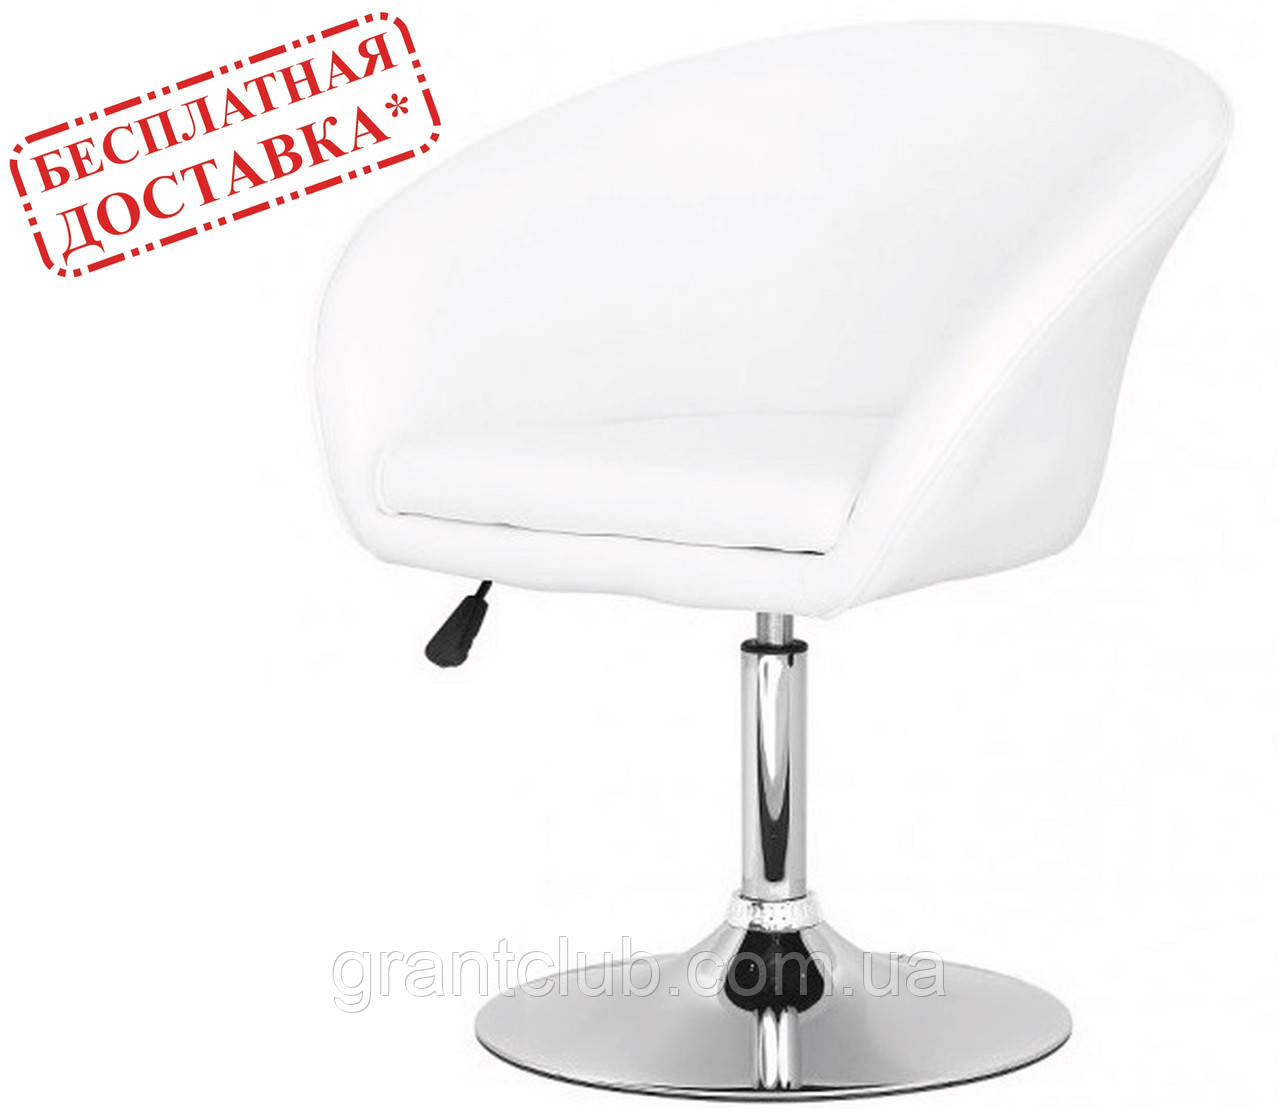 Кресло Мурат НЬЮ экокожа белая поворотное газлифт СДМ группа (бесплатная доставка)